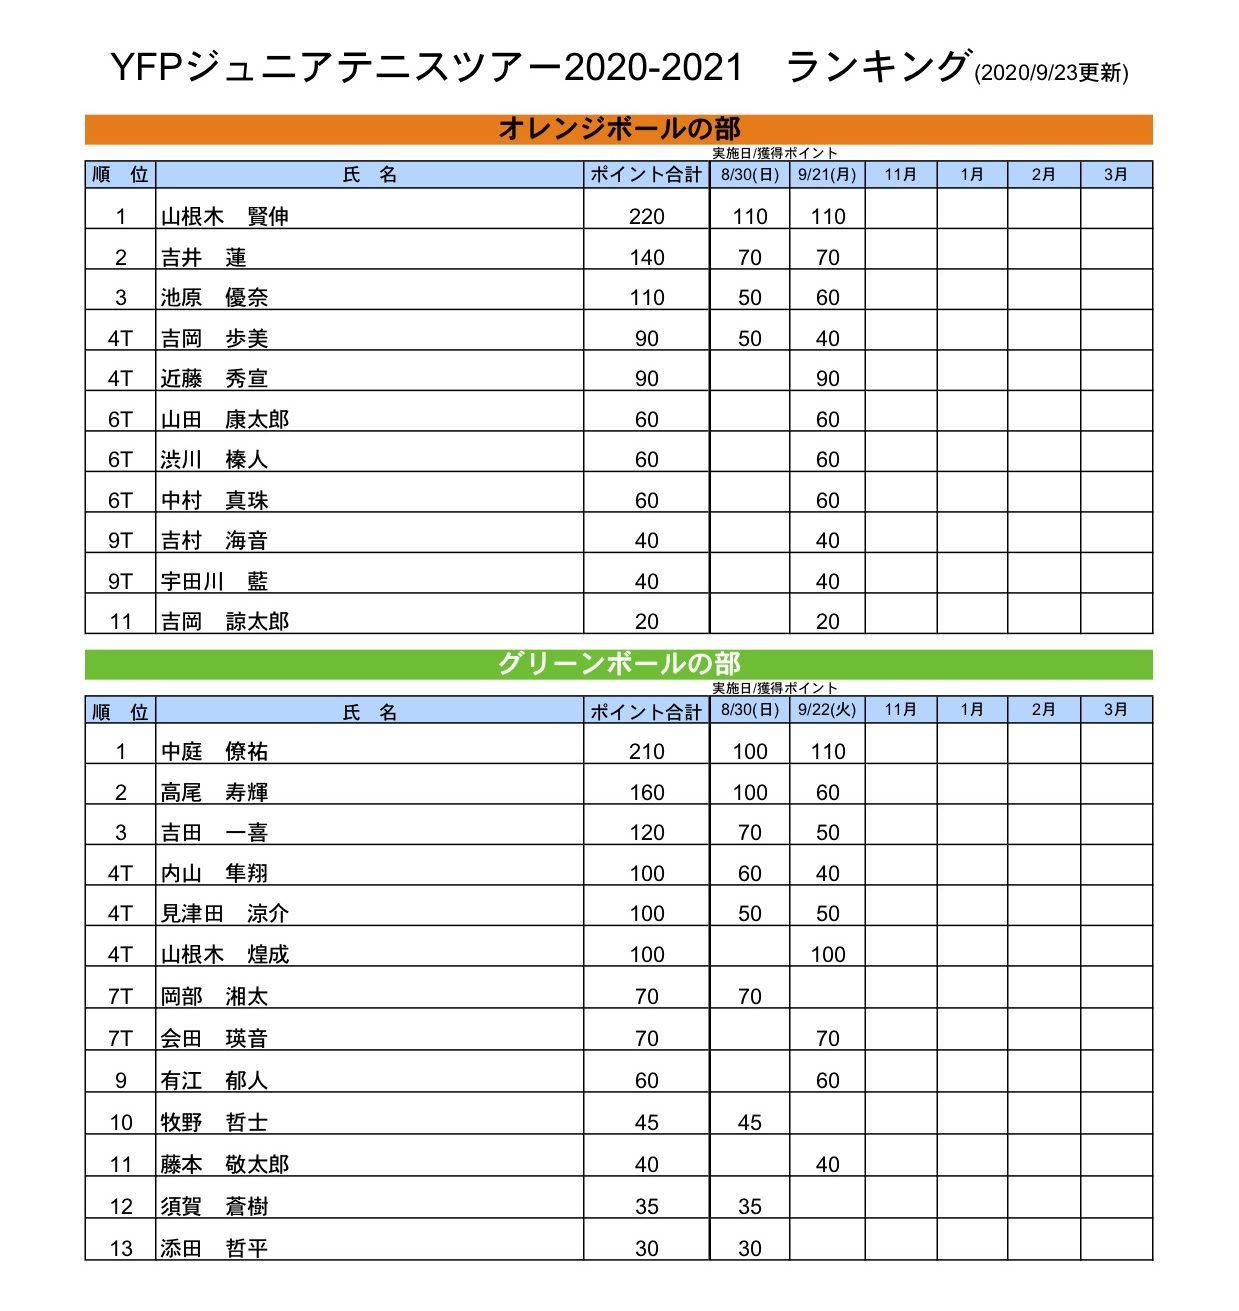 ランキング表(9月23日現在)